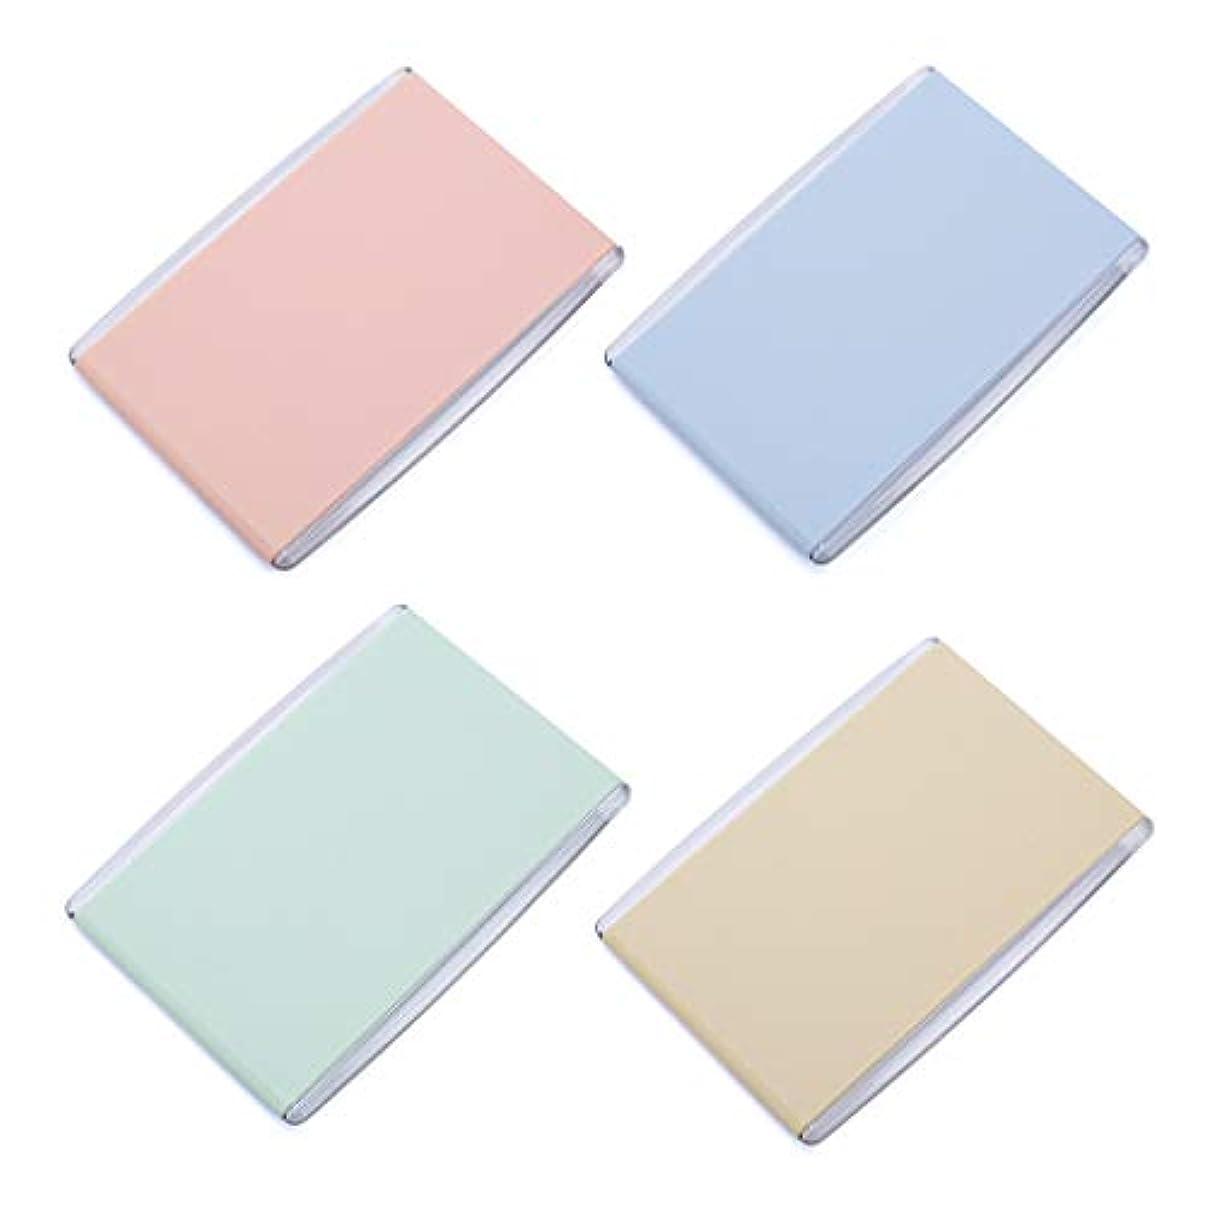 印象的な分散努力Manyao 1Pc女性の女の子ポータブル折りたたみ長方形7.8x11cmミニコンパクトポケットミラーキャンディーカラー片面の旅行デスクトップの化粧品ツール